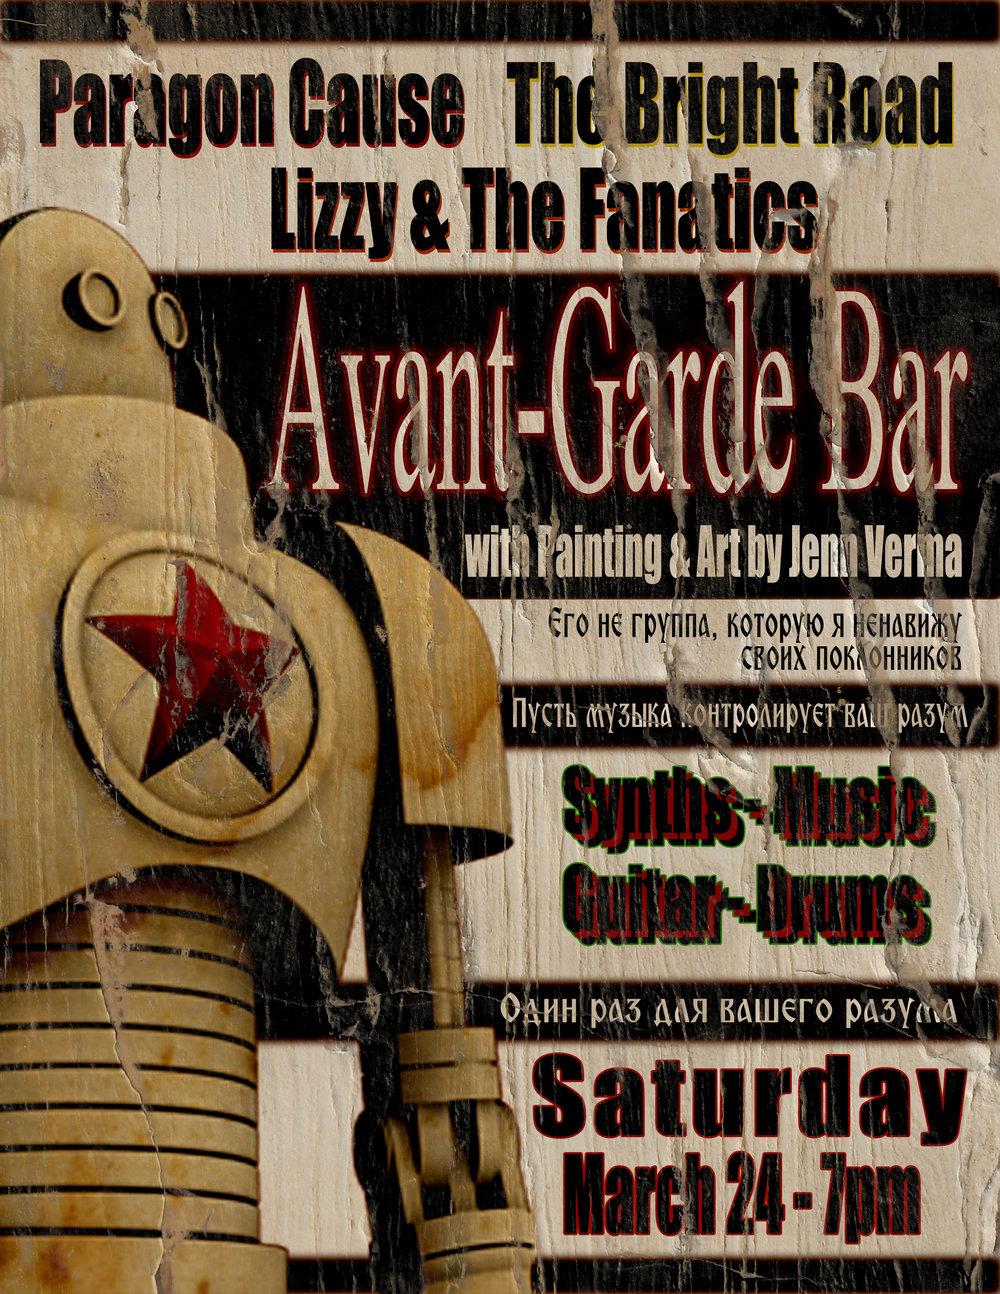 Avante Garde Big Poster_Stone LOok.jpg